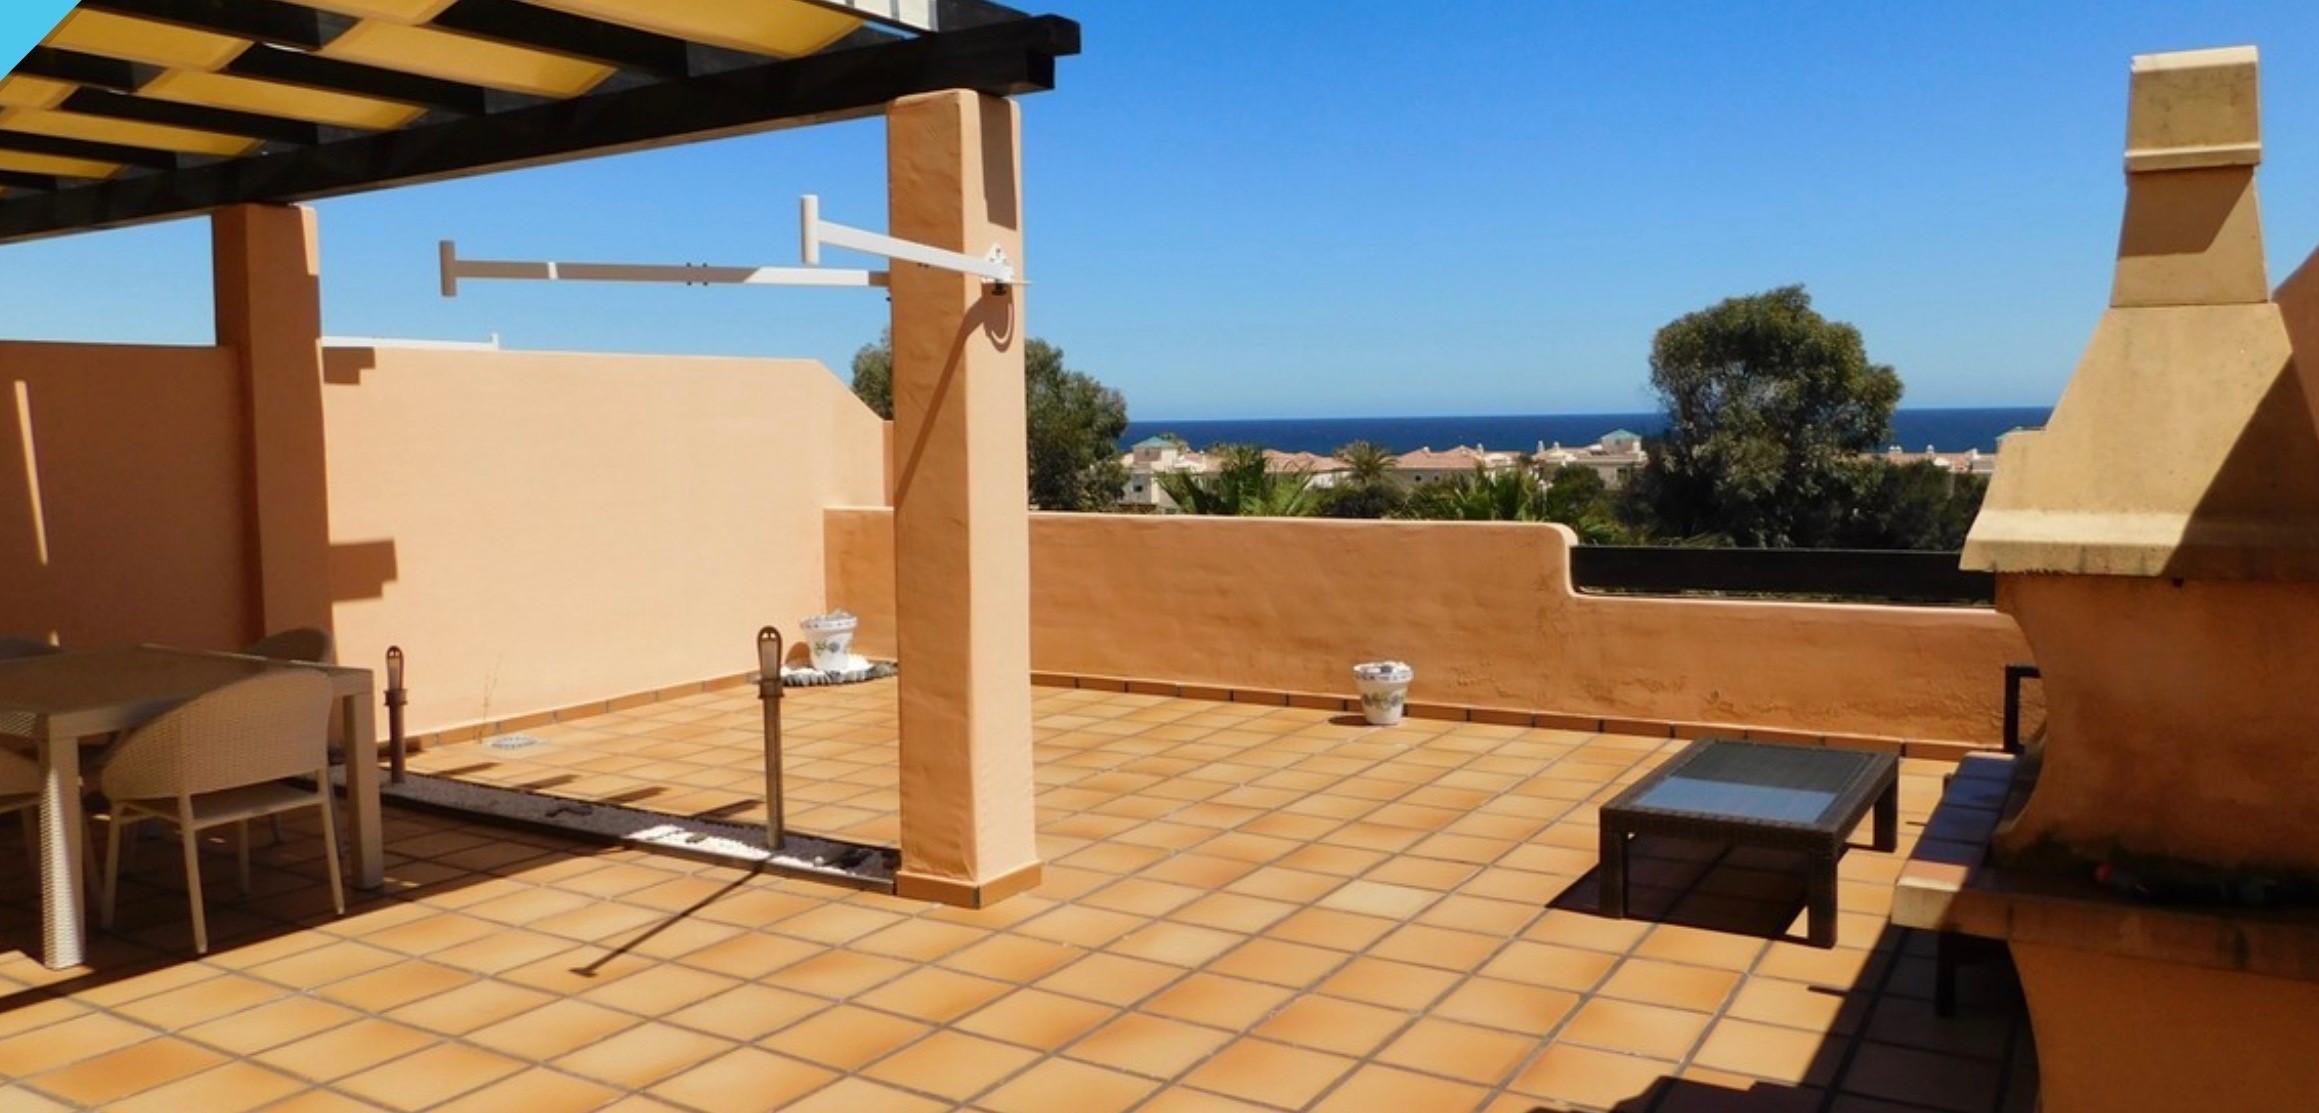 Casares playa app €210.000